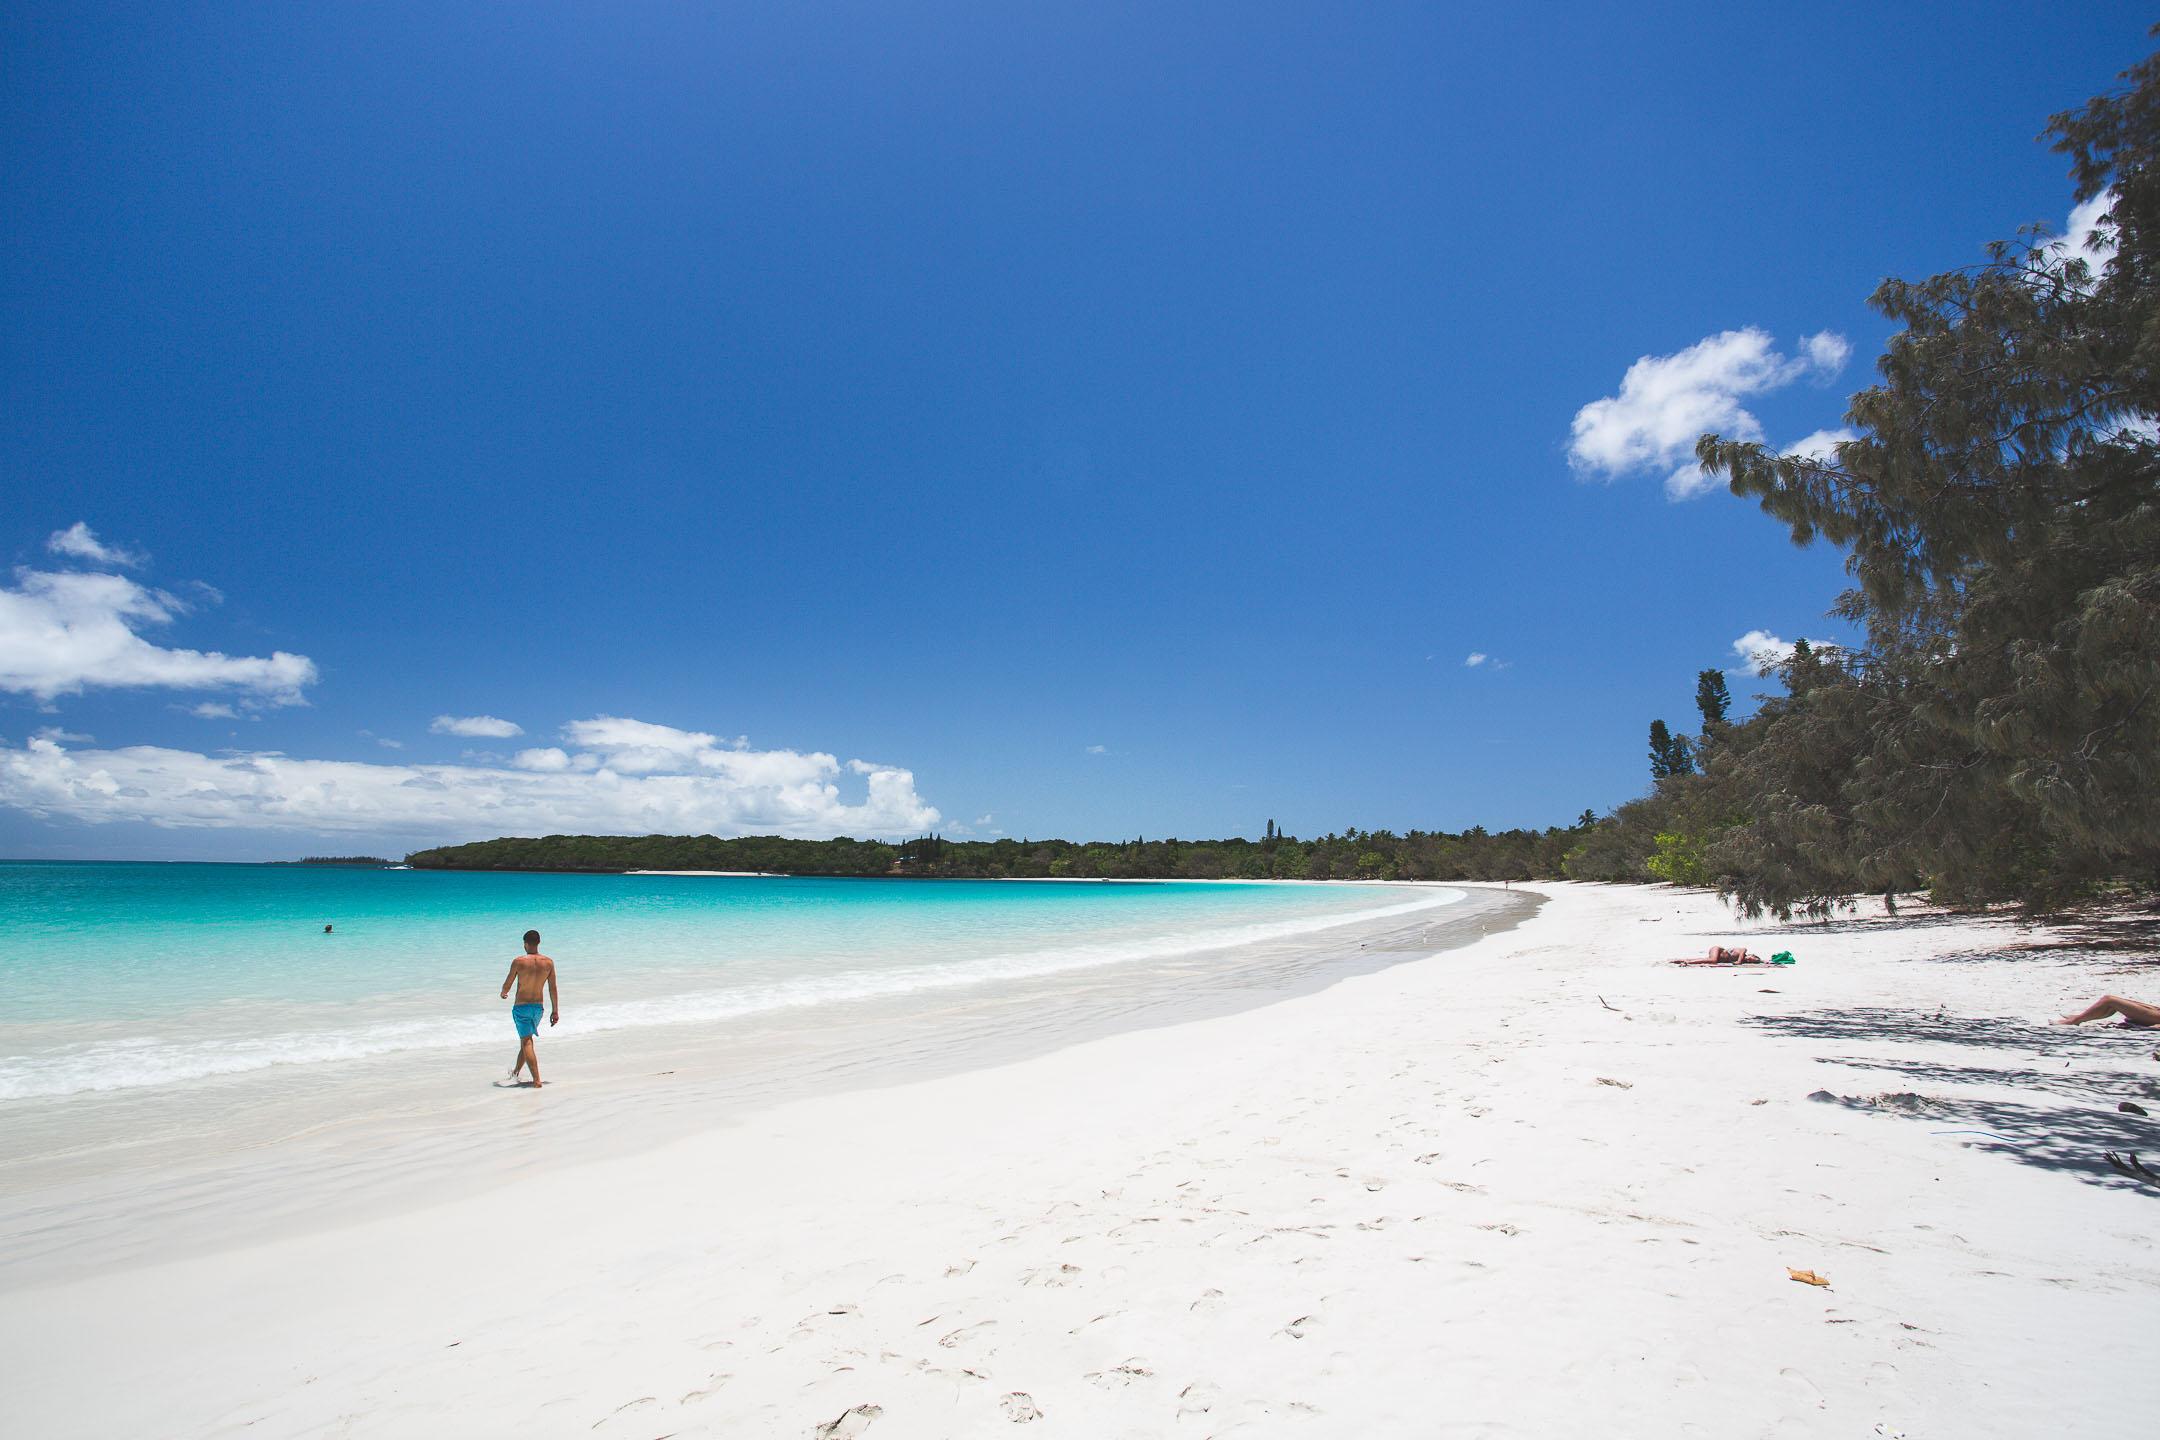 La baie de Kuto de l'île des Pins